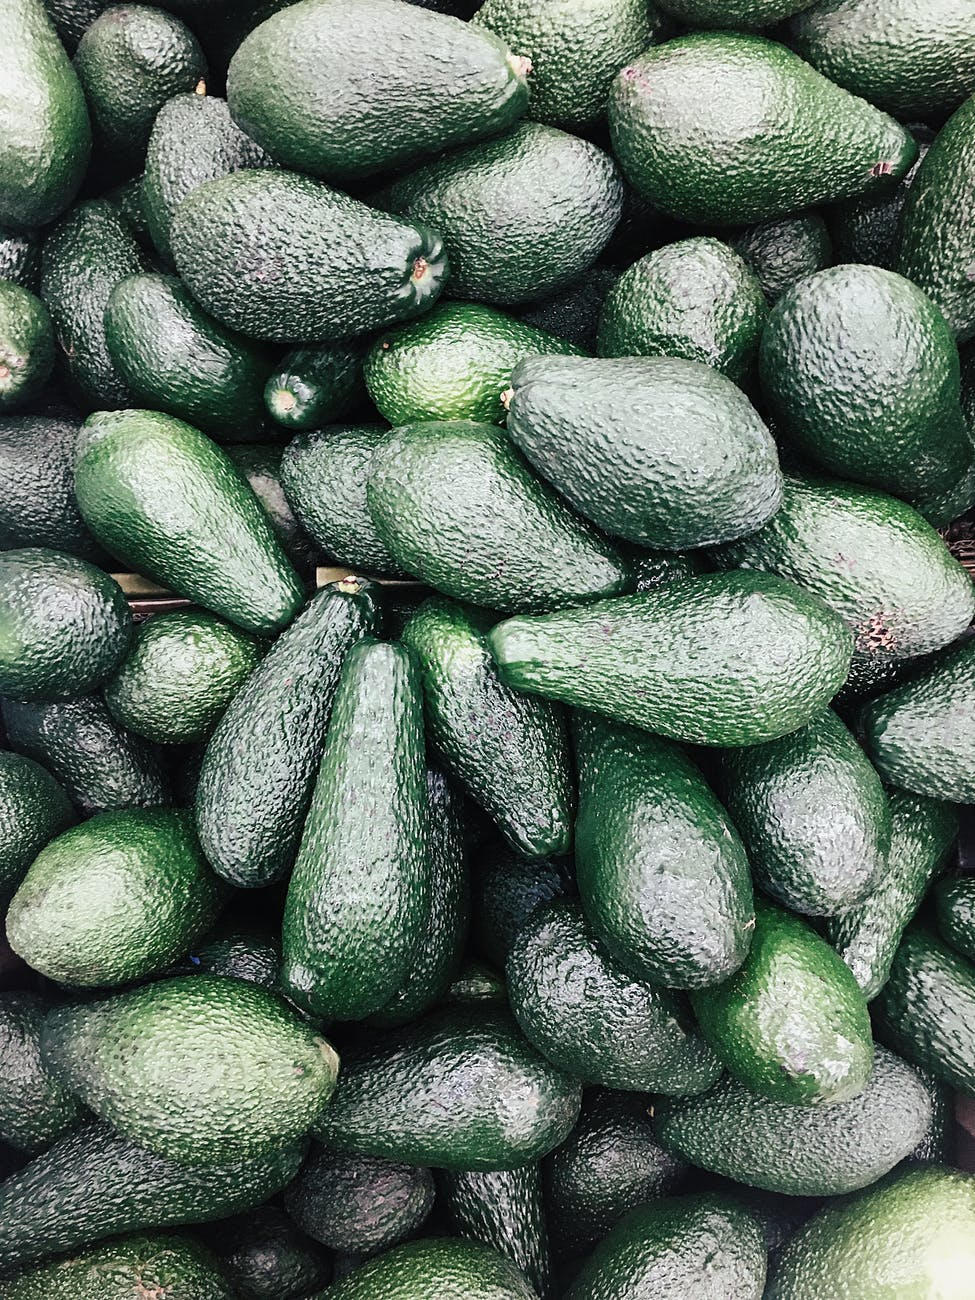 Суперфрукт или очень калорийный продукт: 5 советов по употреблению авокадо